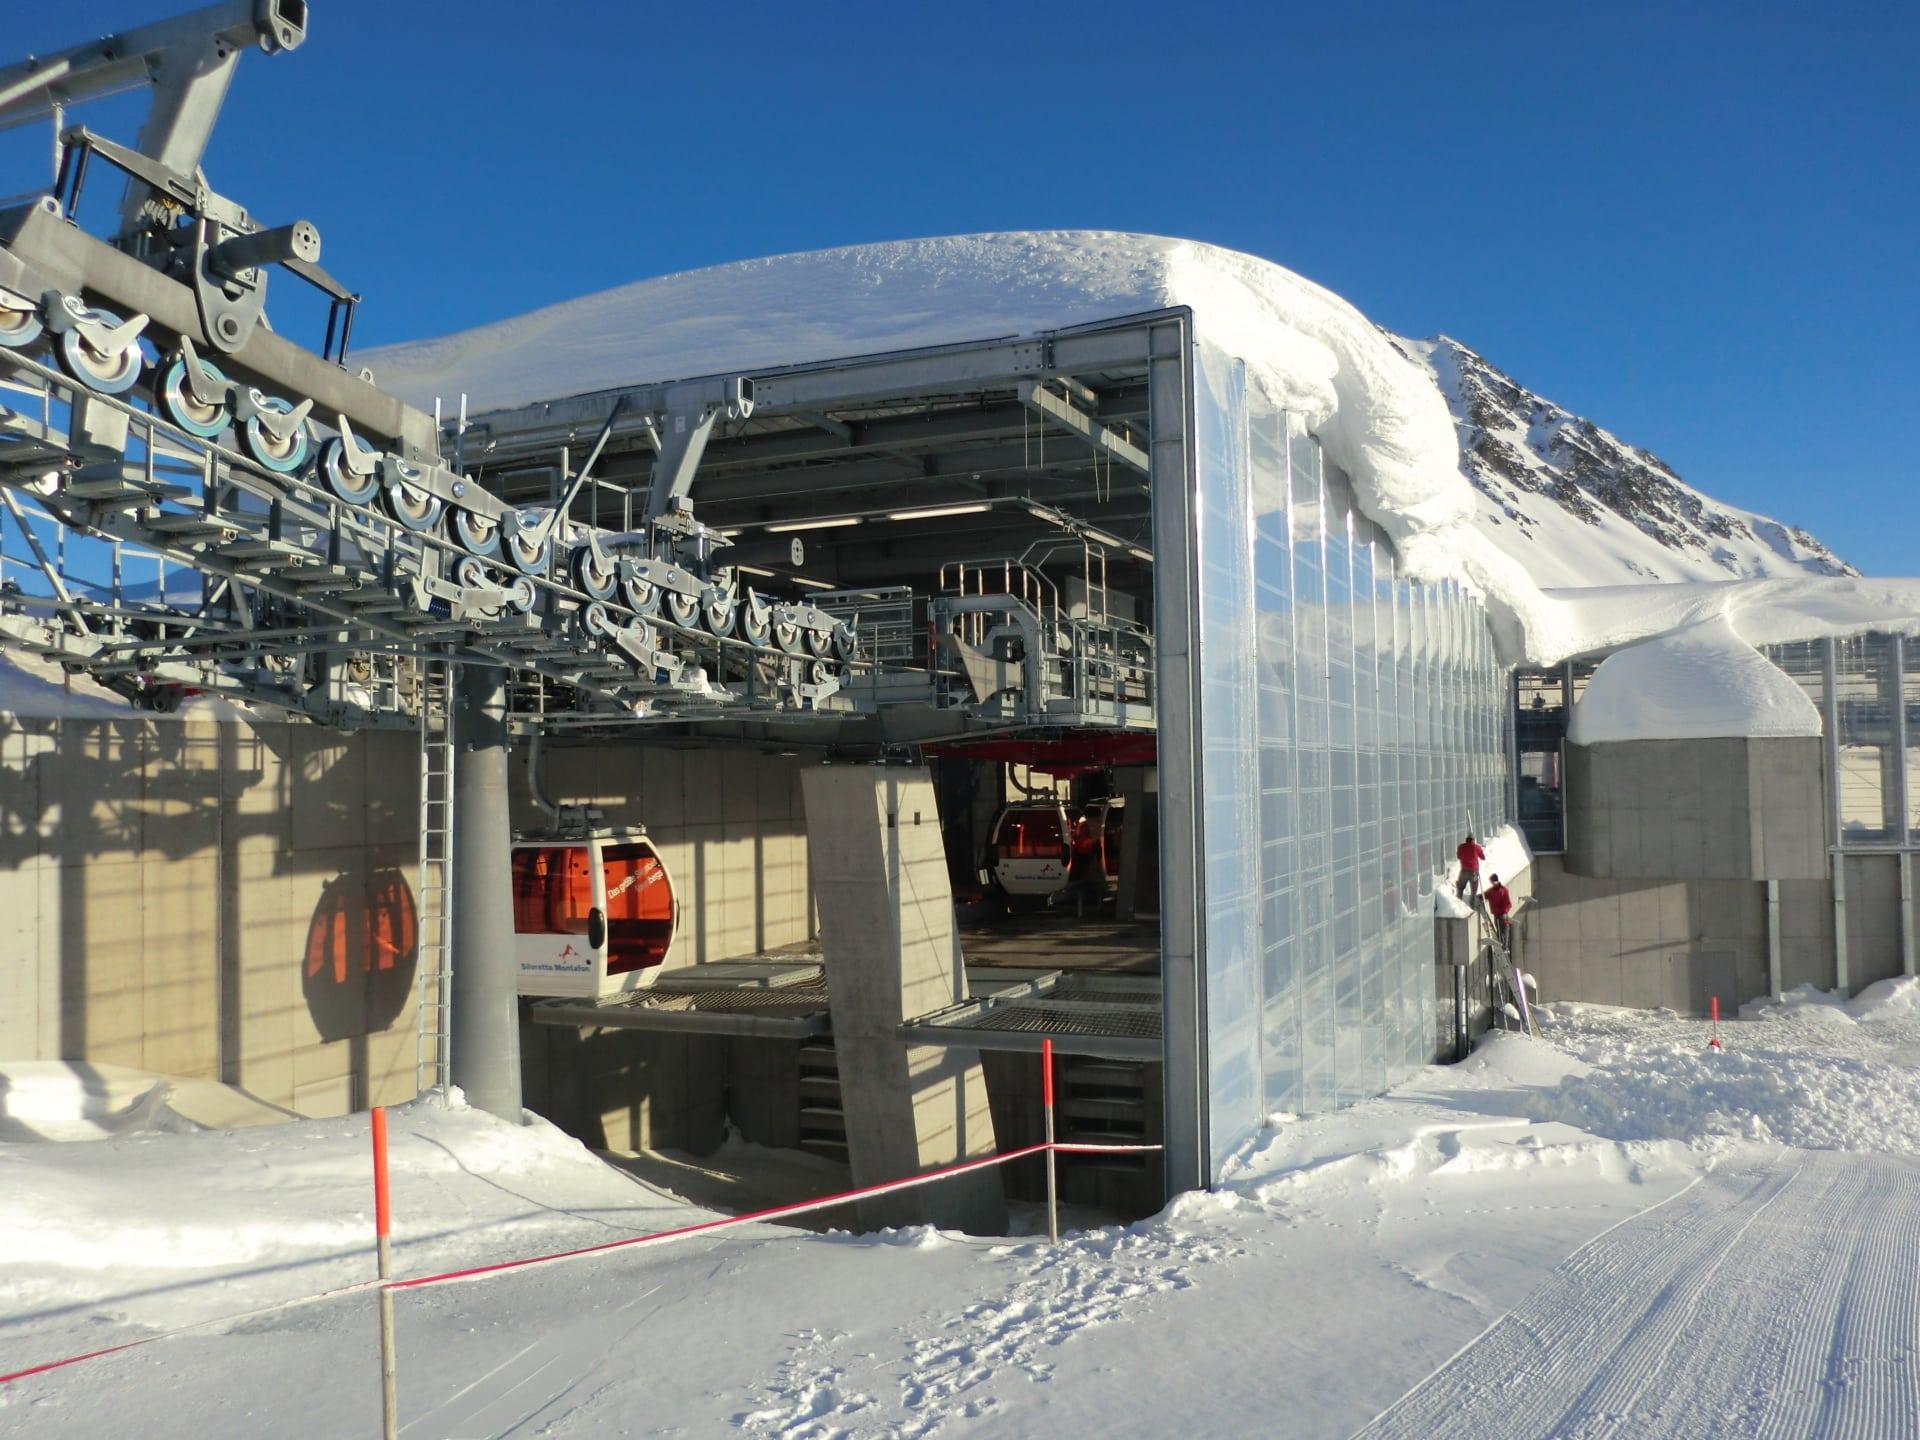 Inspirierendes Projekt bestehend aus 2.435 m² transparenter Texlon® ETFE-Folie in rauem Klima.